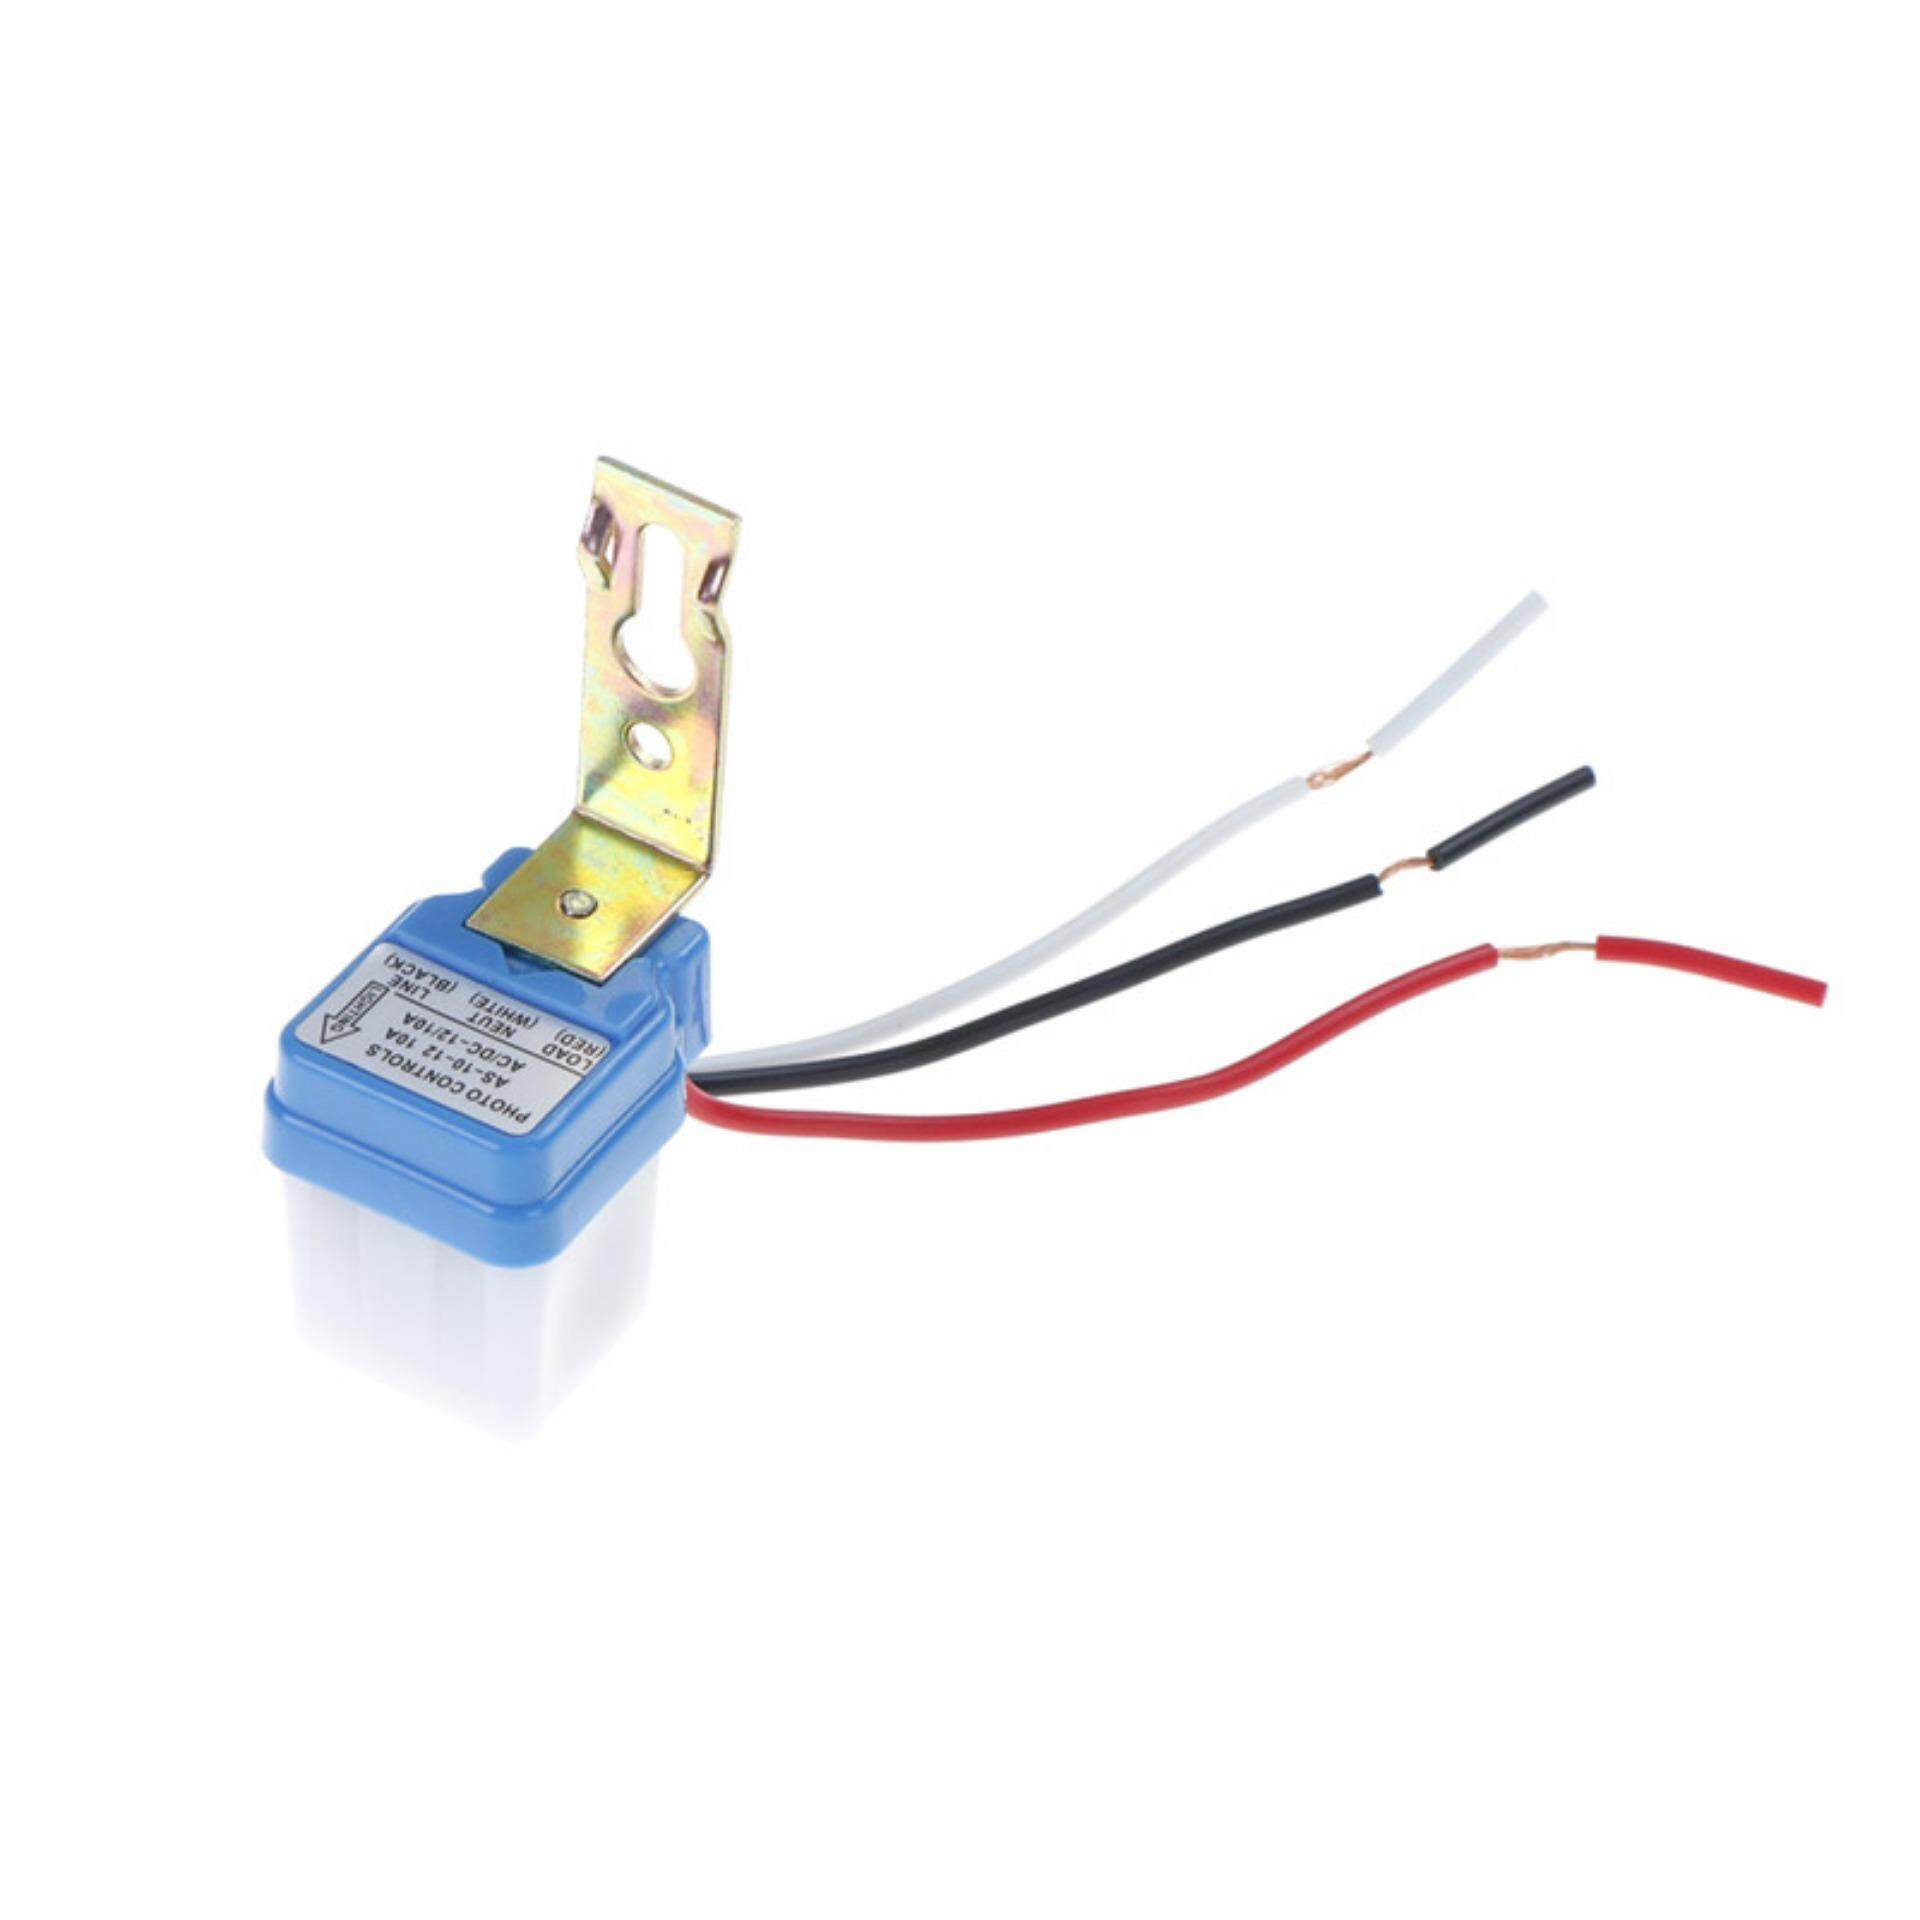 เปิดปิดอัตโนมัติสวิตช์ไฟถนนตัวควบคุมภาพ Sensor สำหรับ Ac 12 โวลต์ 10a 50-60 เฮิร์ต By Variety Grace.